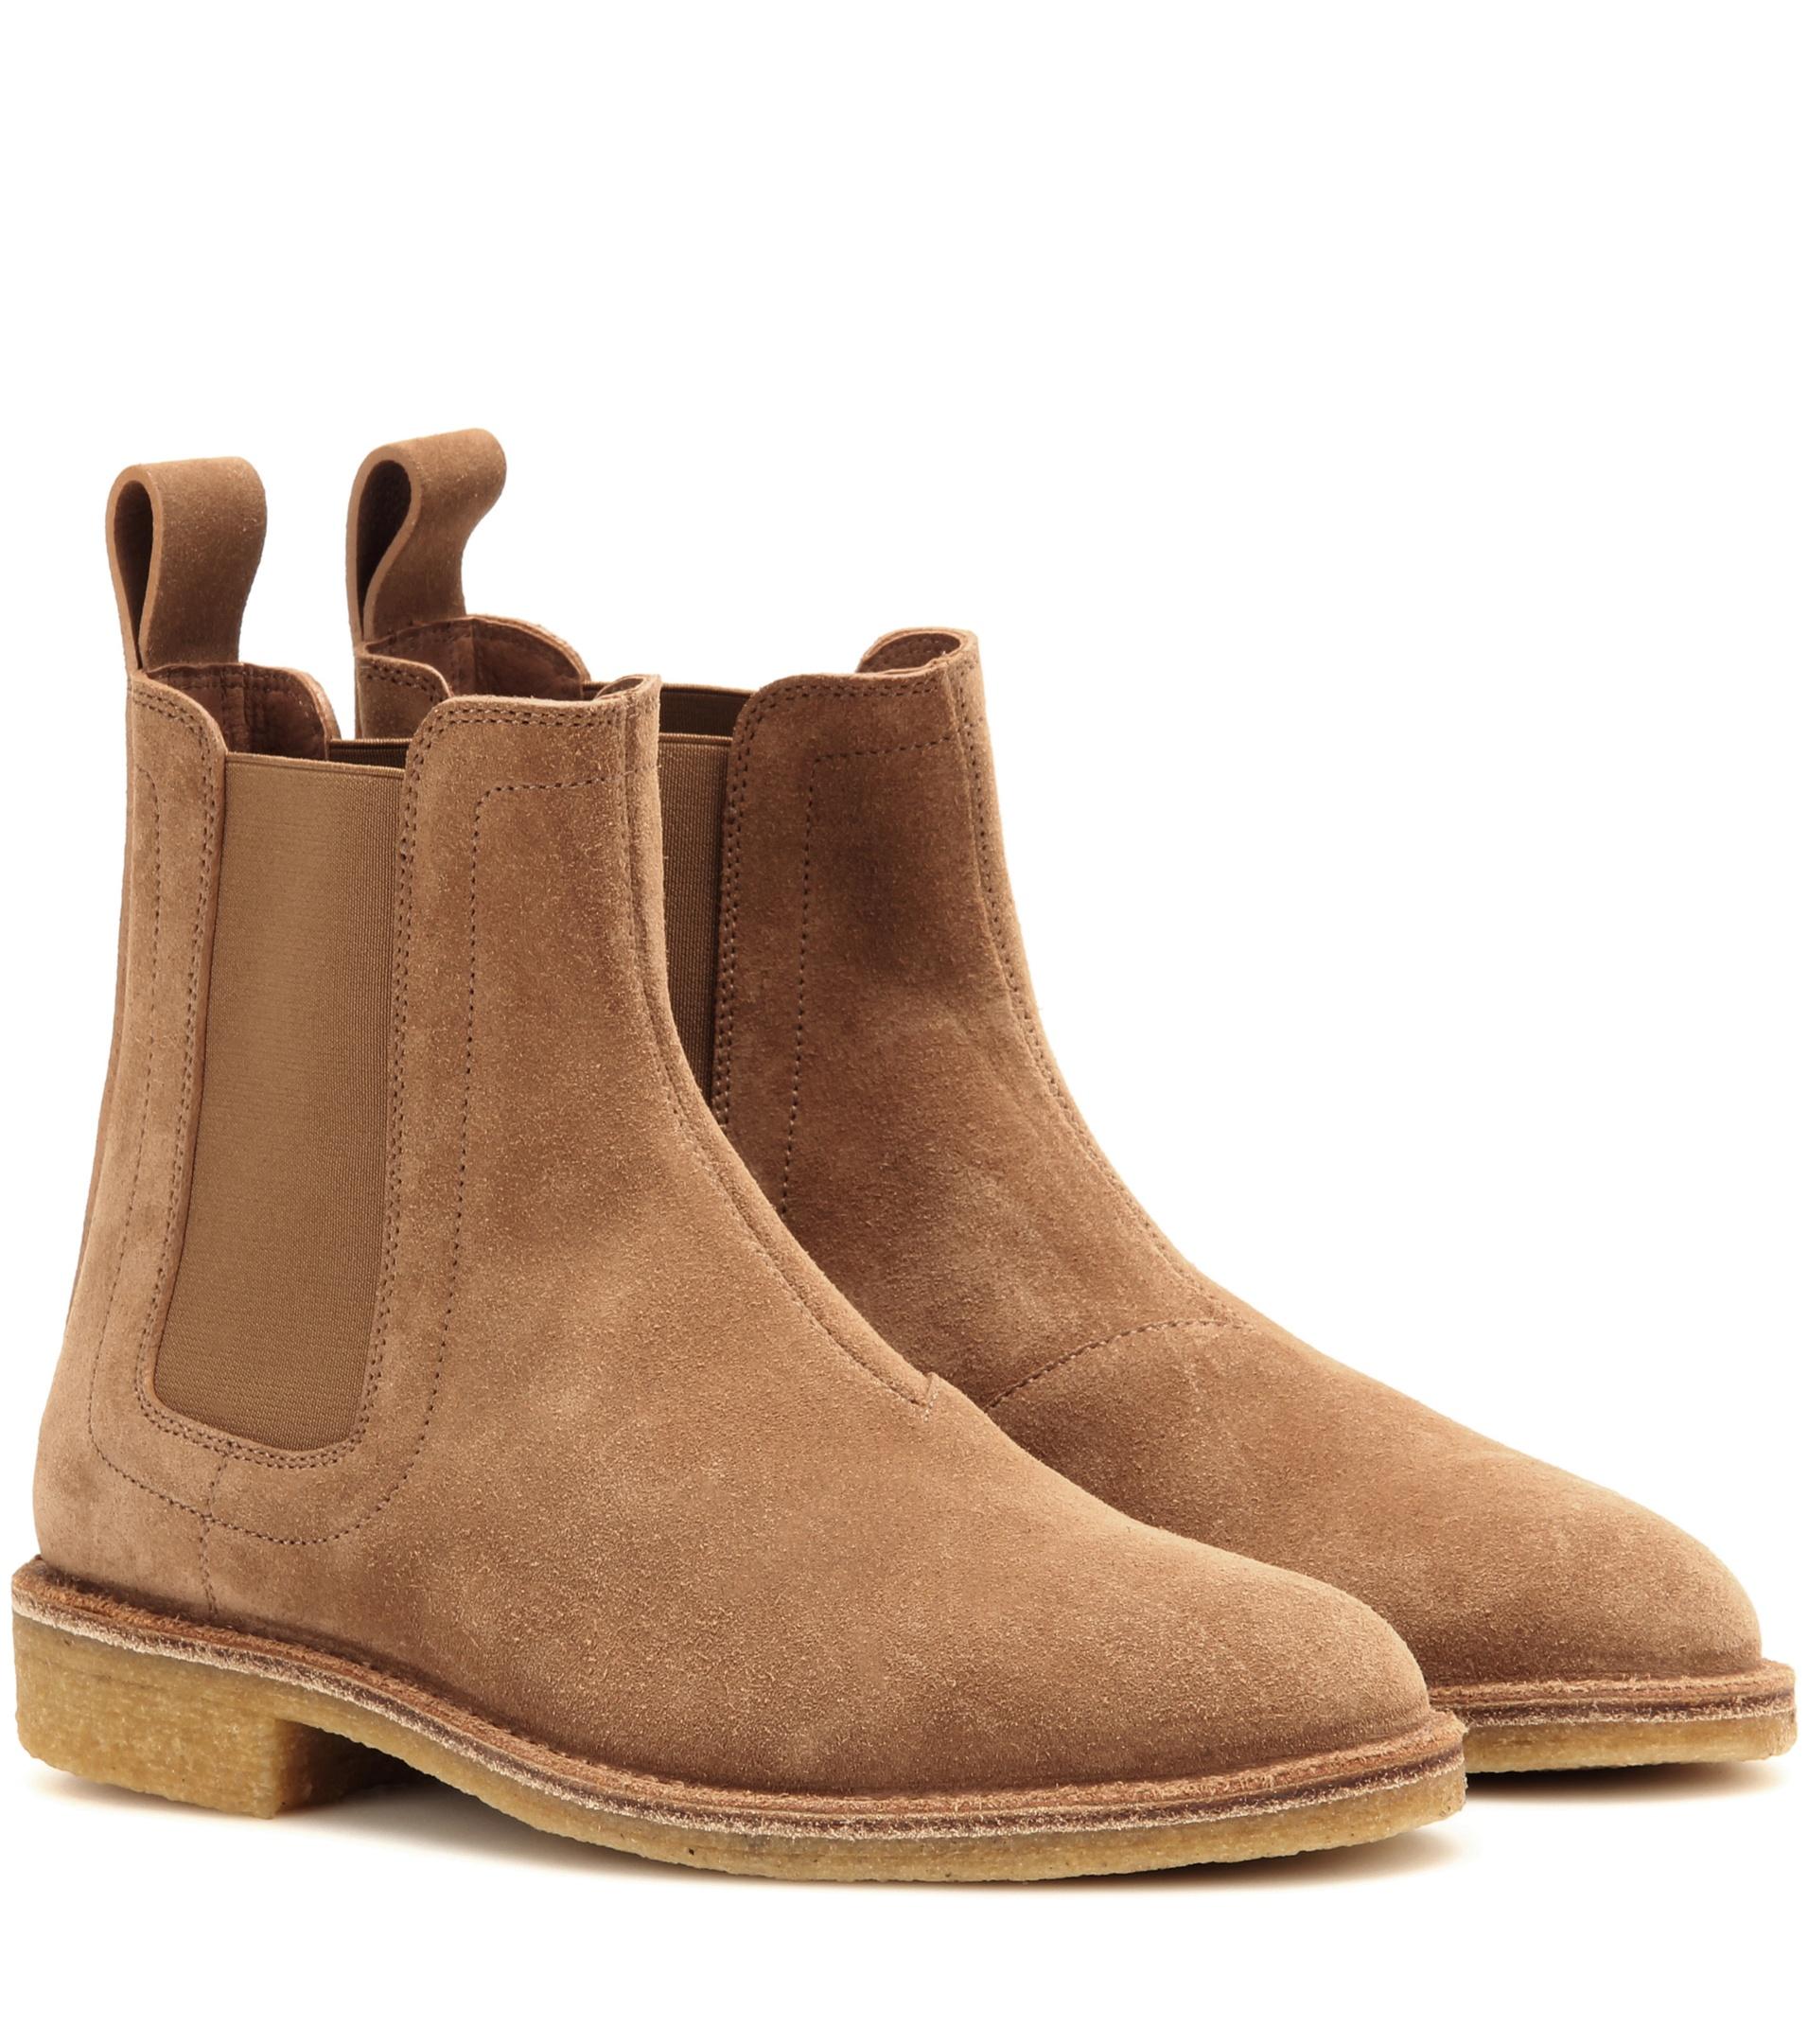 bottega veneta suede chelsea ankle boots in brown lyst